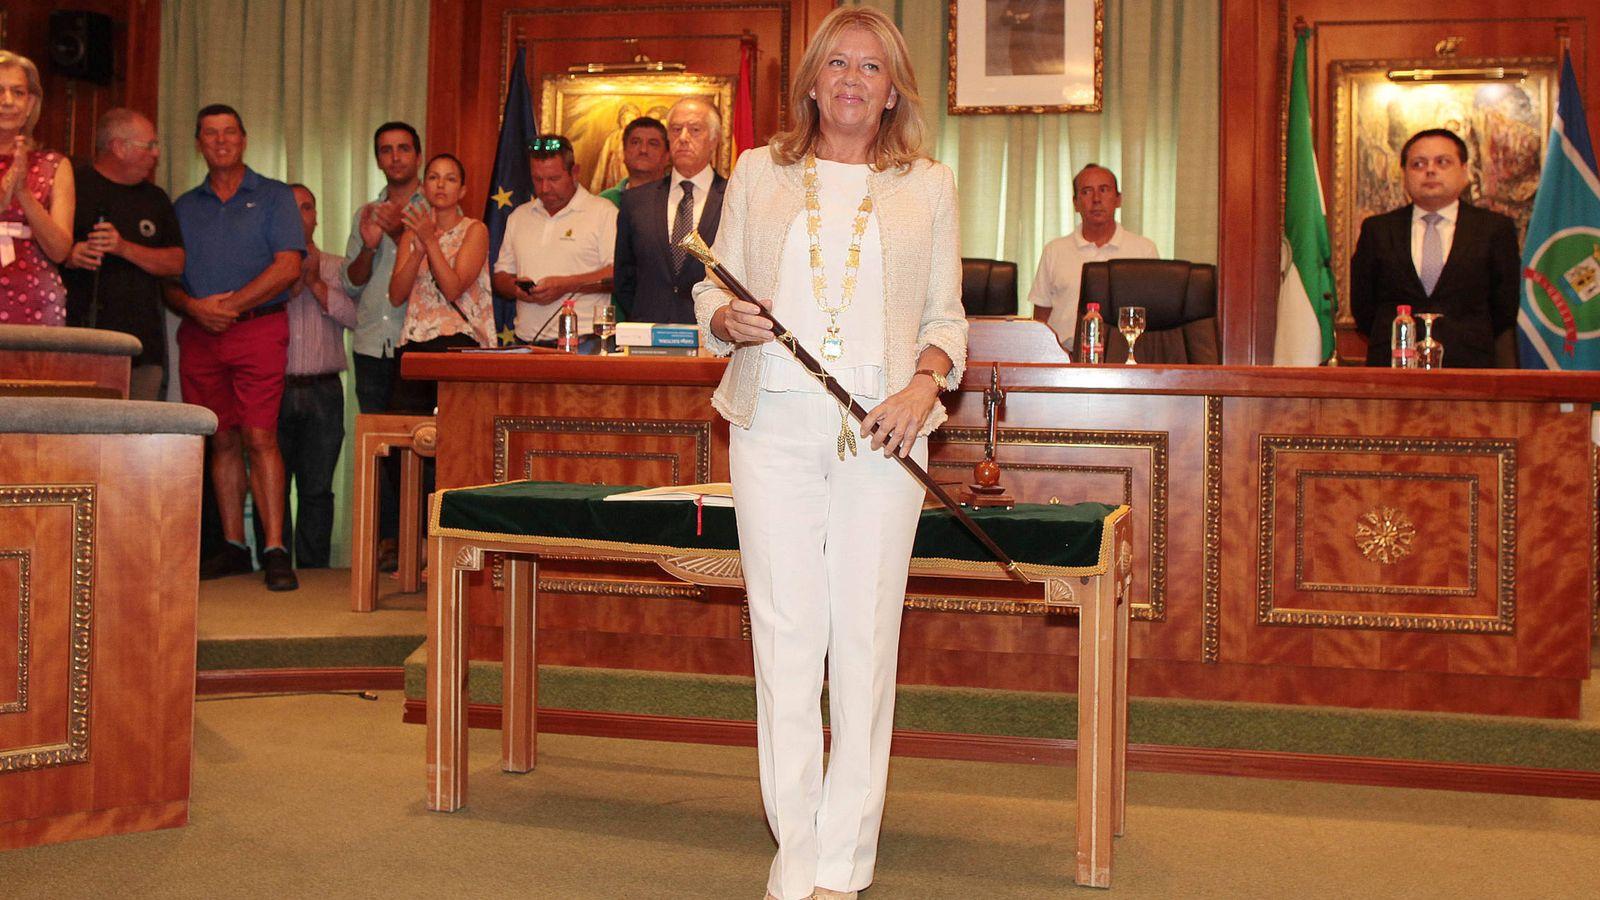 Foto: Ángeles Muñoz recupera el bastón de mando de la ciudad de Marbella. (A. de la Gama)